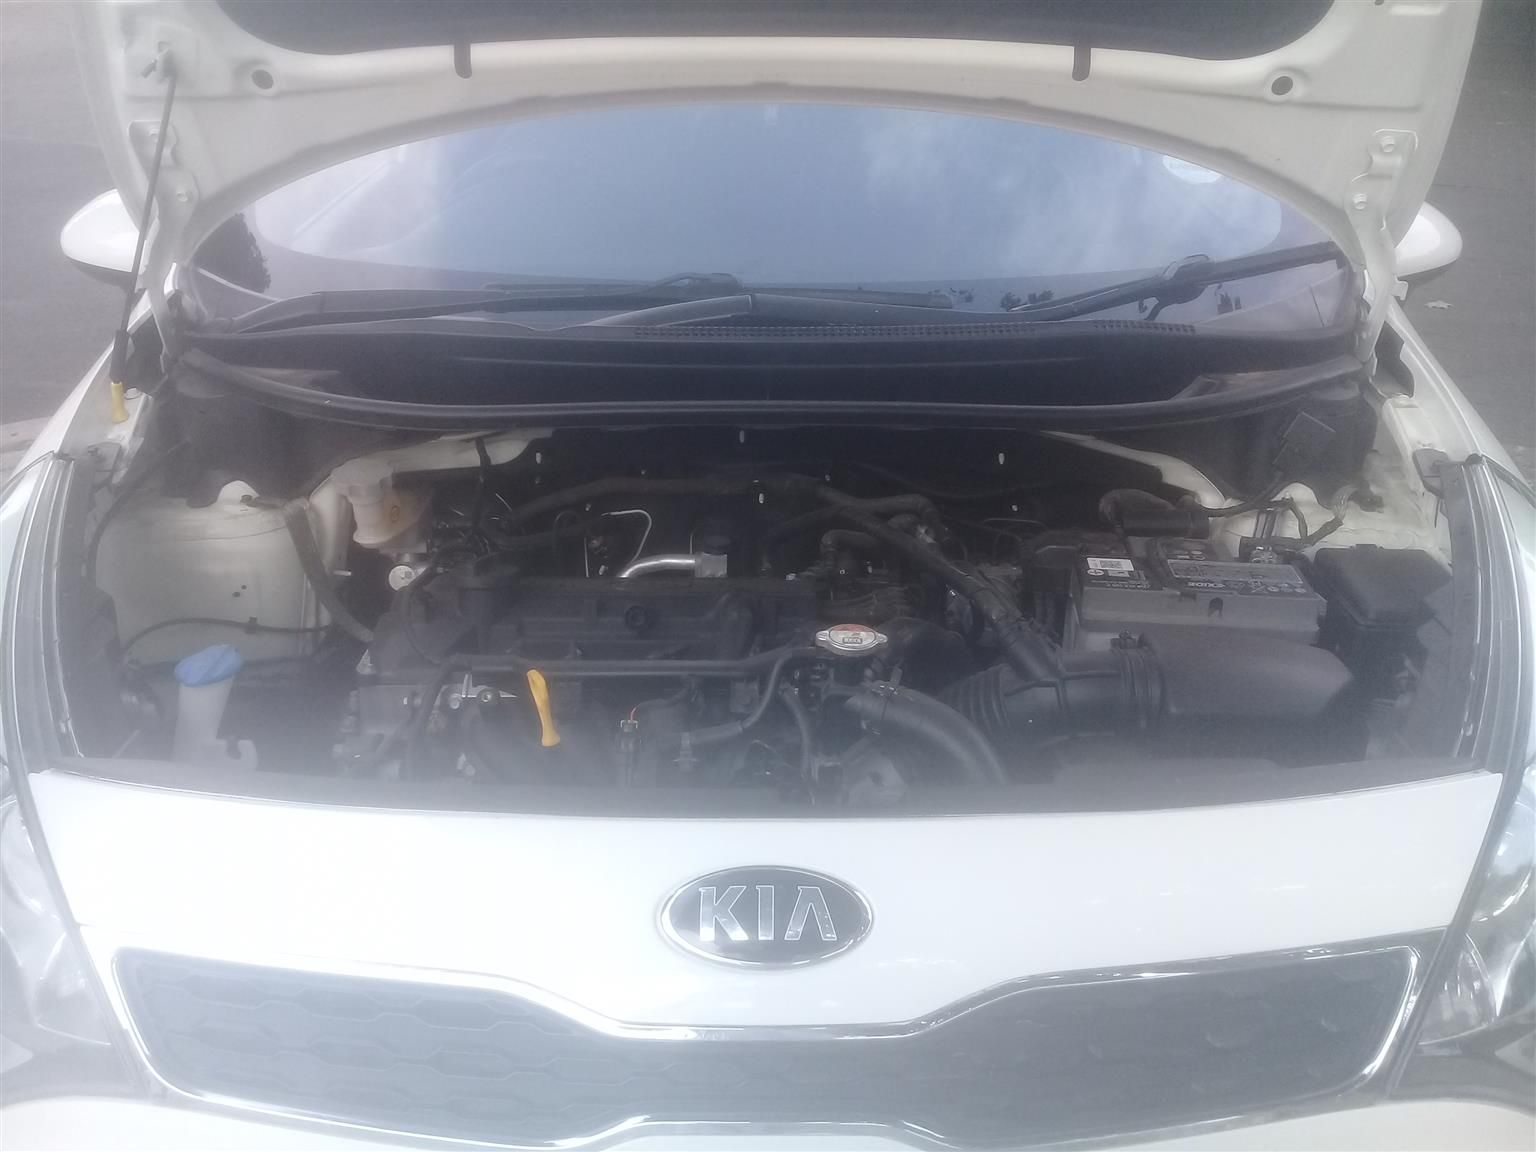 2014 Kia Rio hatch 1.2